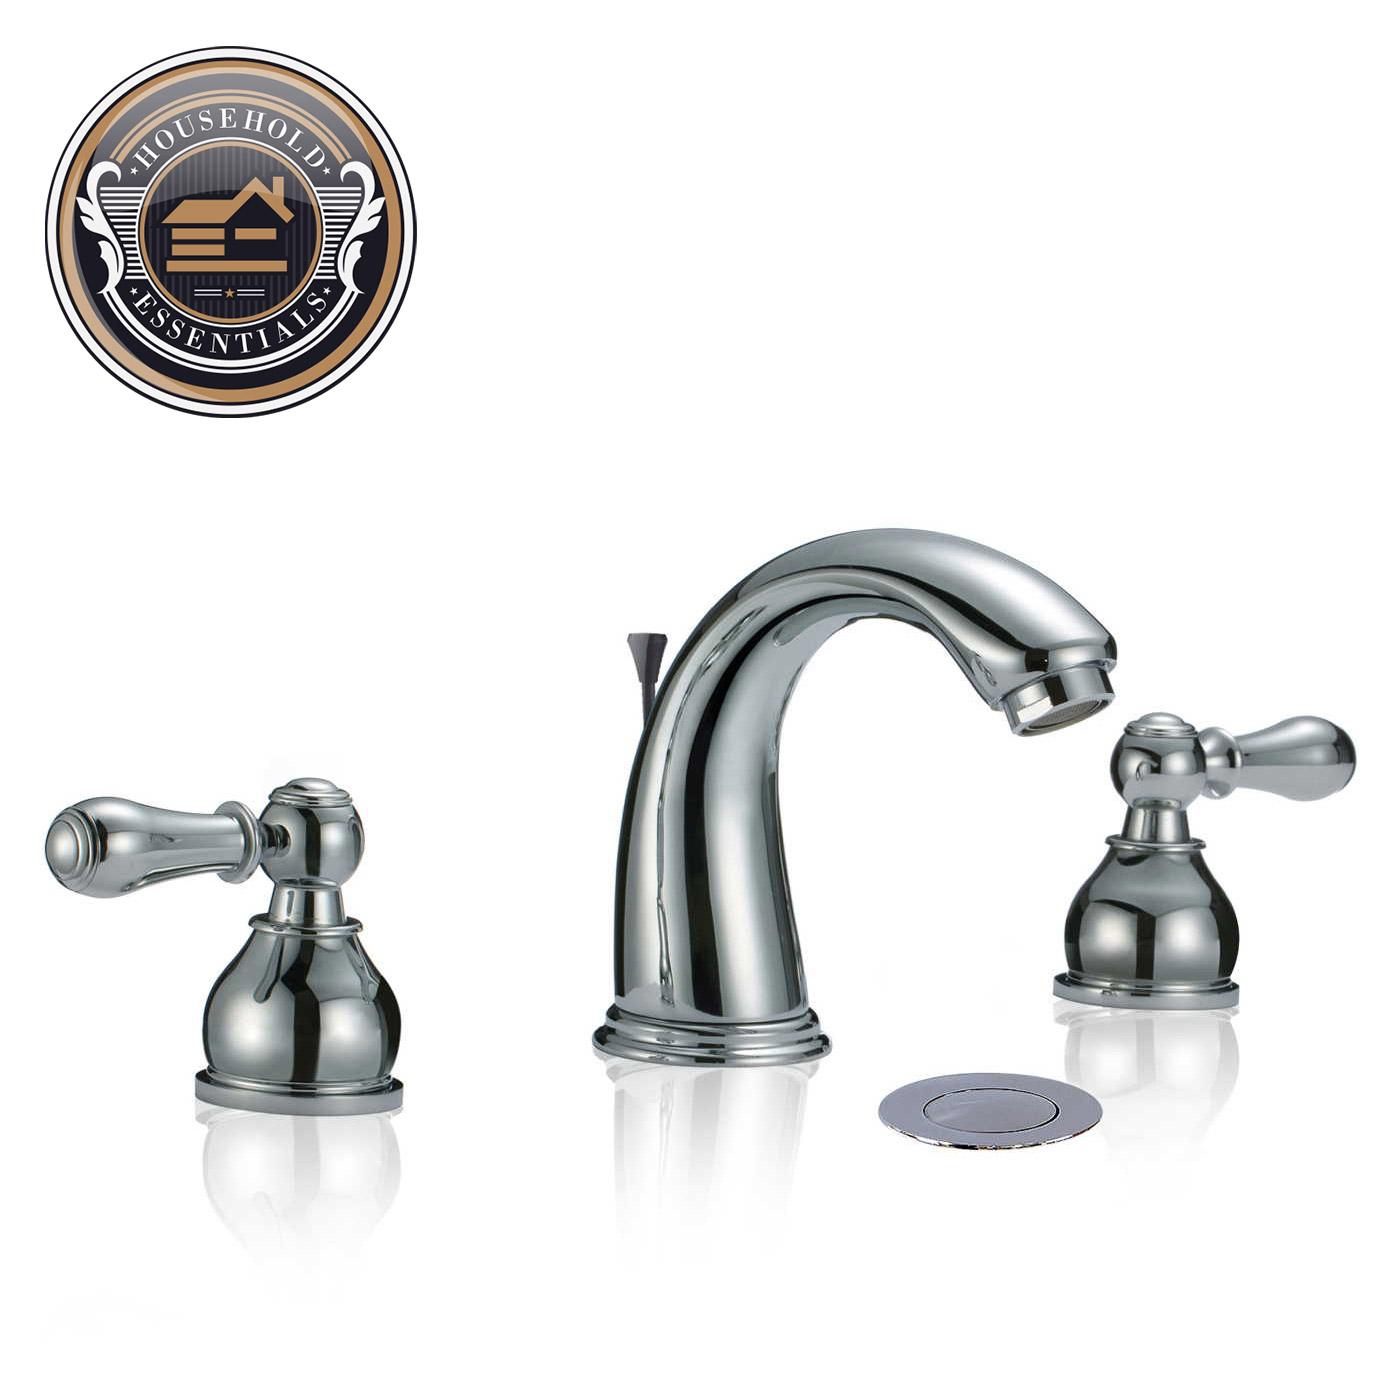 8 Bathroom Faucet : Details about 8